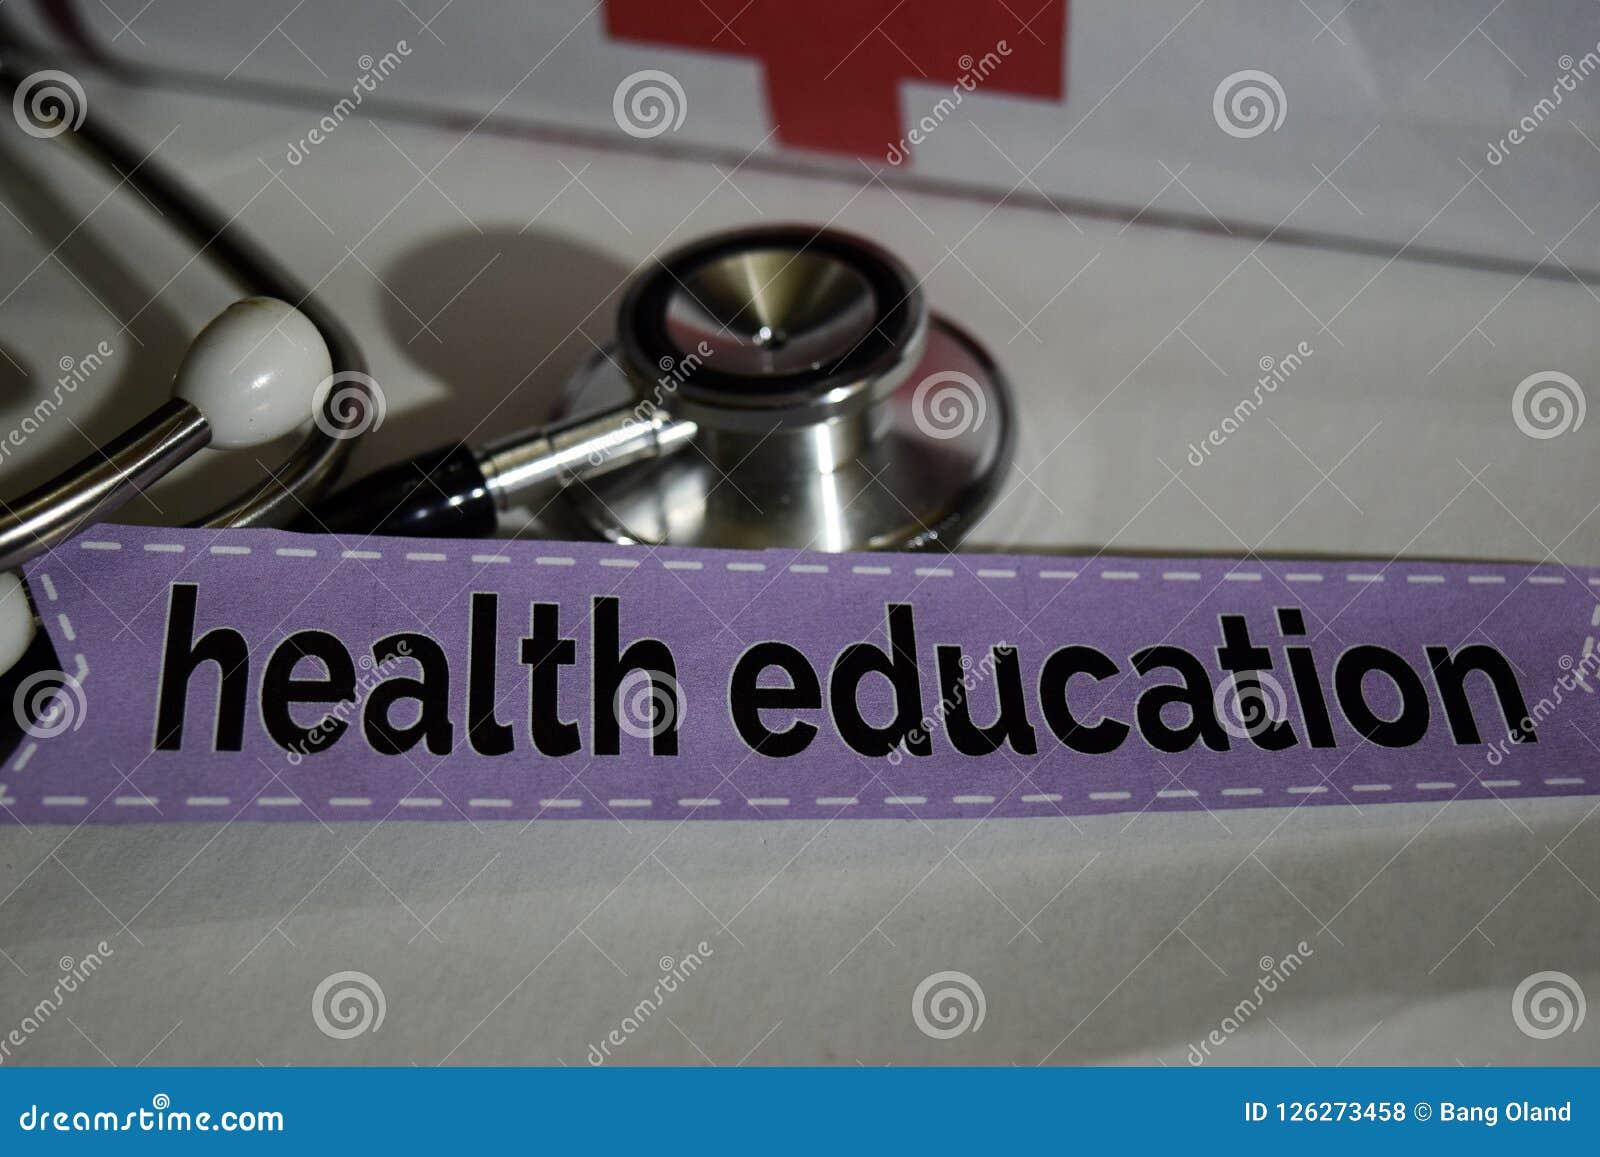 与听诊器的卫生教育消息,医疗保健概念